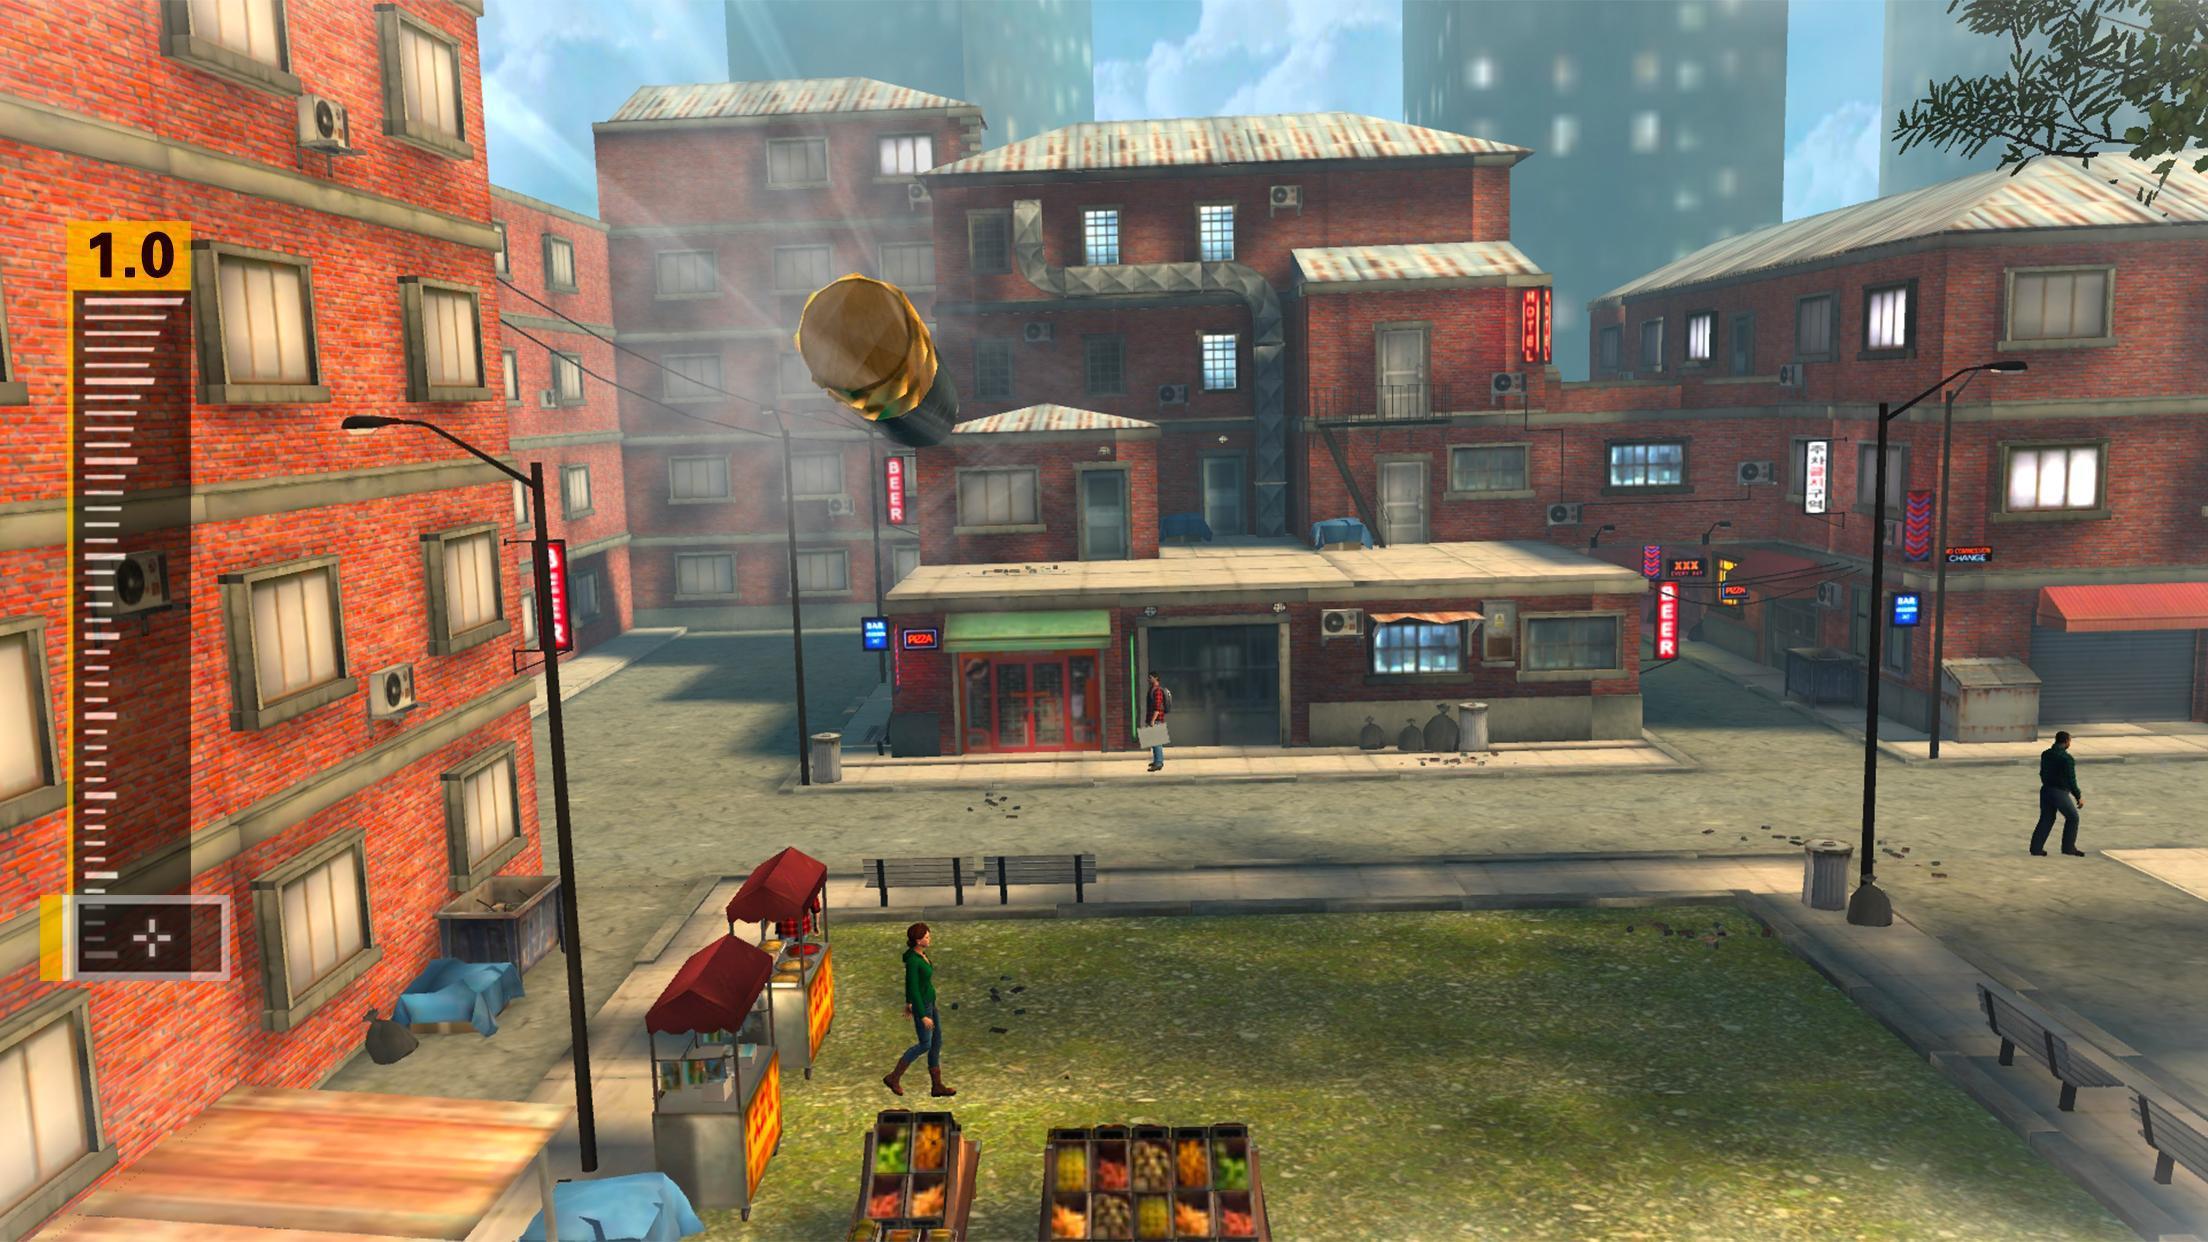 Sniper Honor: Fun FPS 3D Gun Shooting Game 2020 1.8.1 Screenshot 14